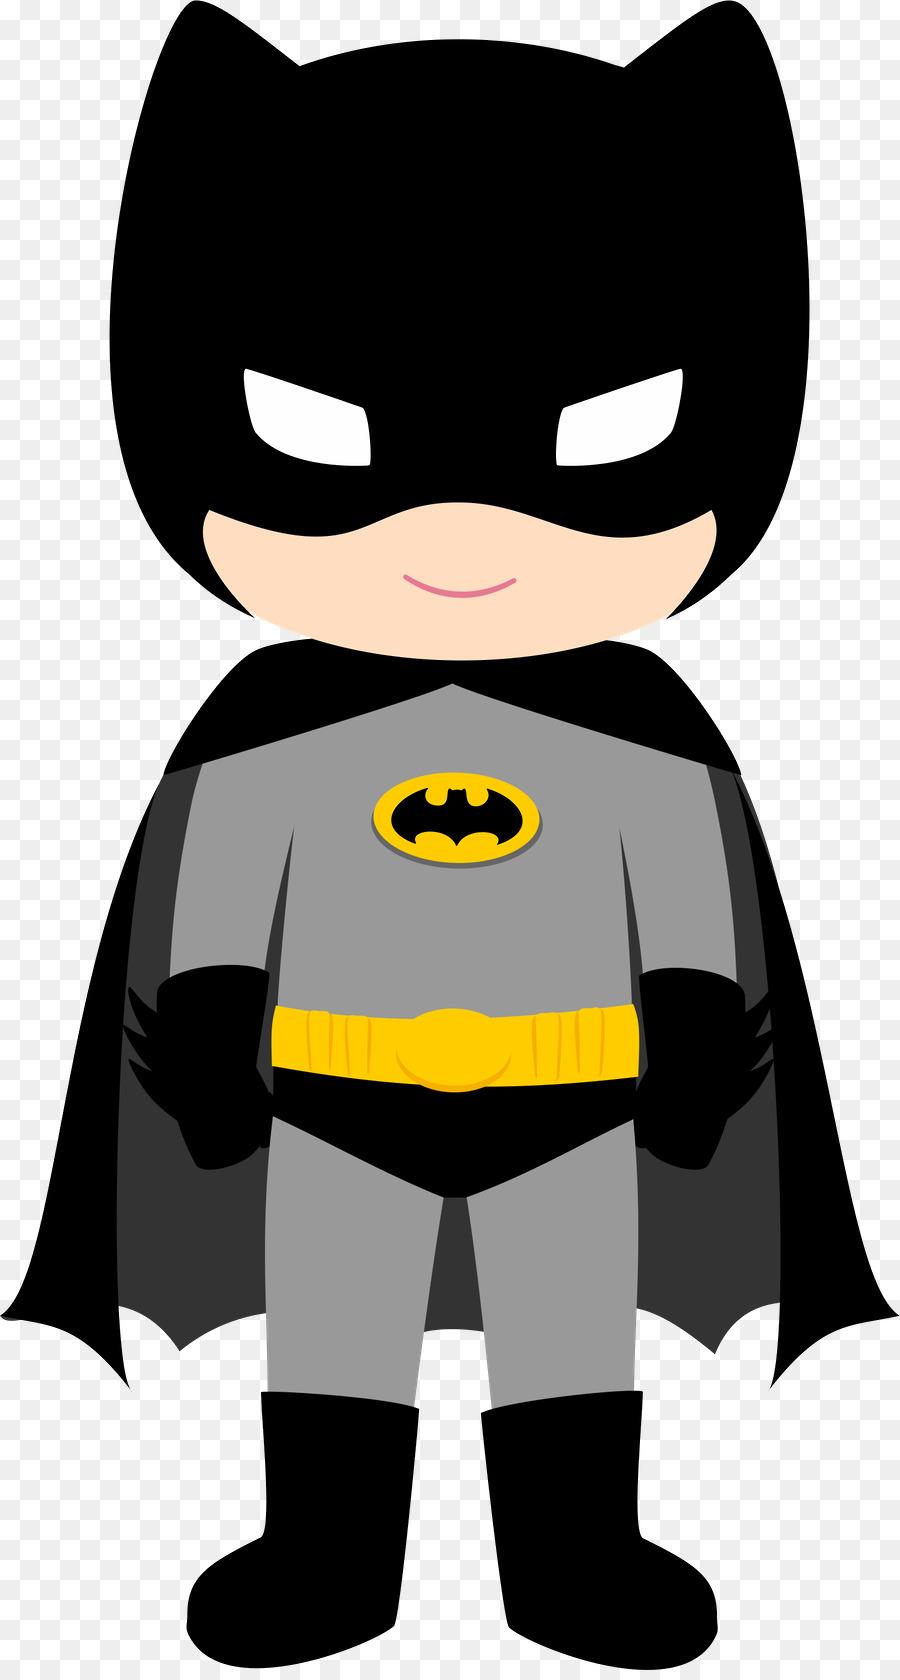 batman robin superhero clip art batman png download 900 1670 rh kisspng com batman and robin clip art free batman and robin symbol clip art